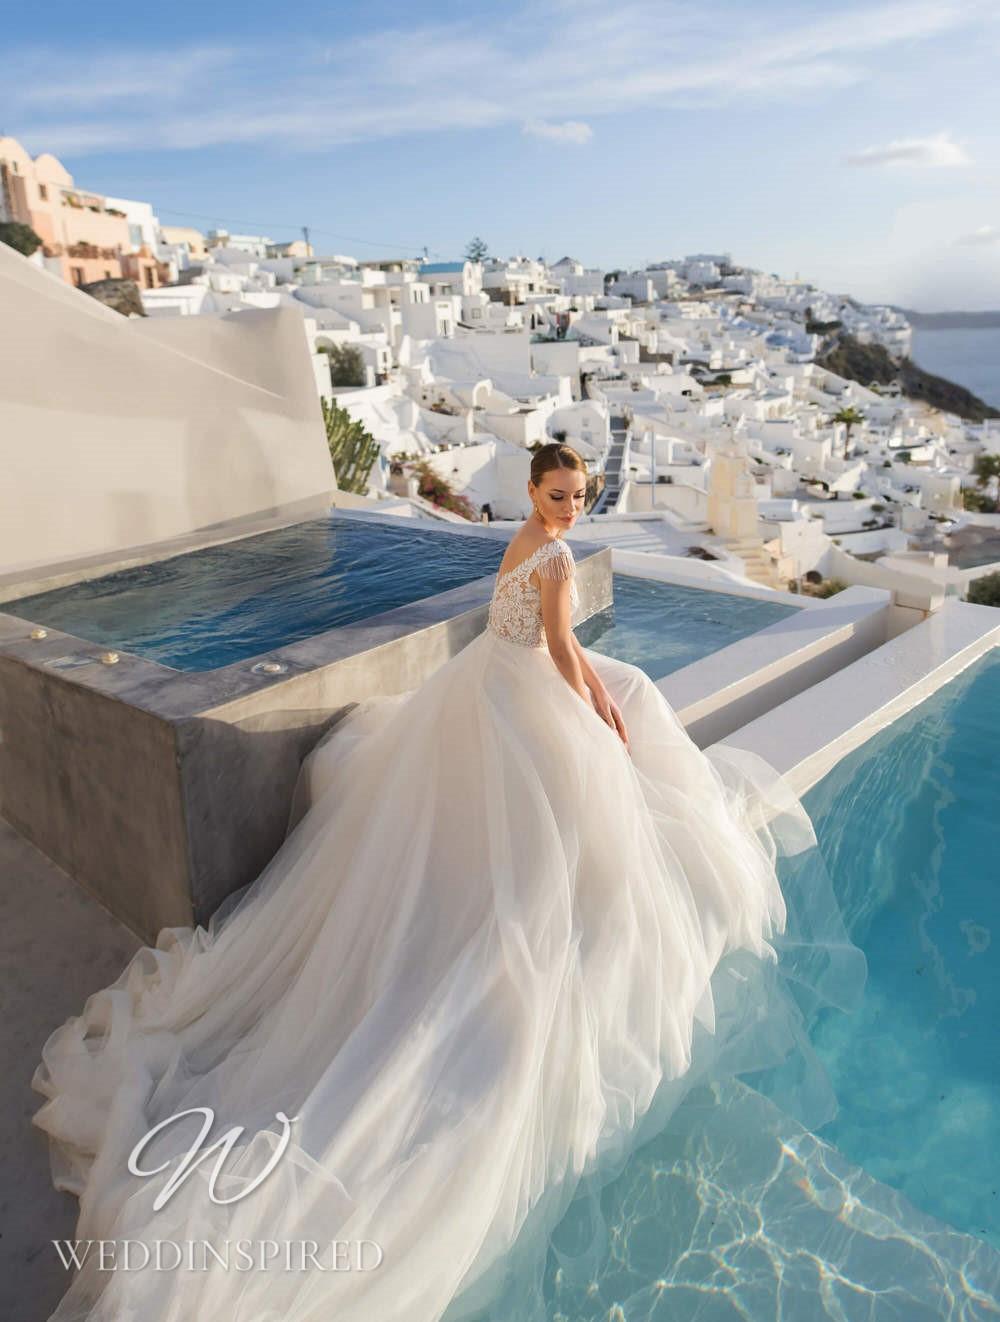 A Blunny 2021 flowy tulle A-line wedding dress